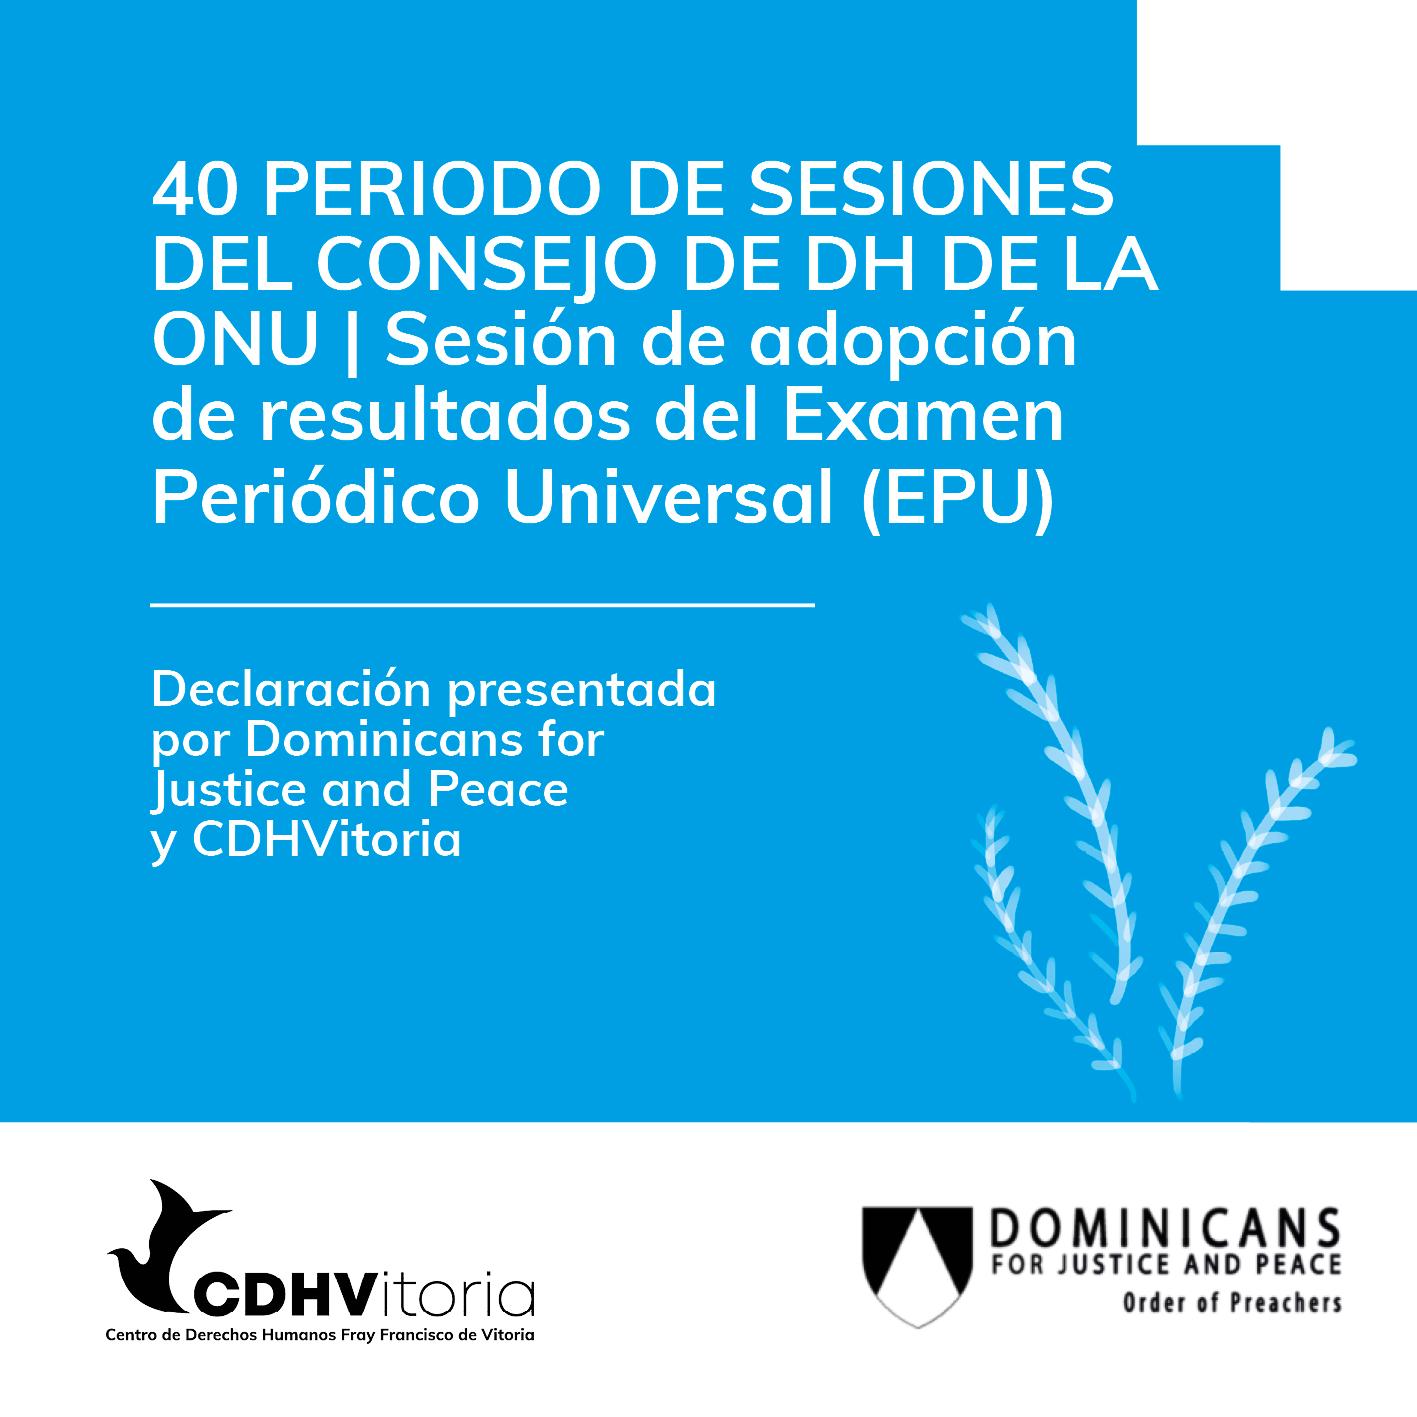 40 Periodo de sesiones del Consejo de DH de la ONU | Participación de Dominicans for Justice and Peace y CDHVitoria